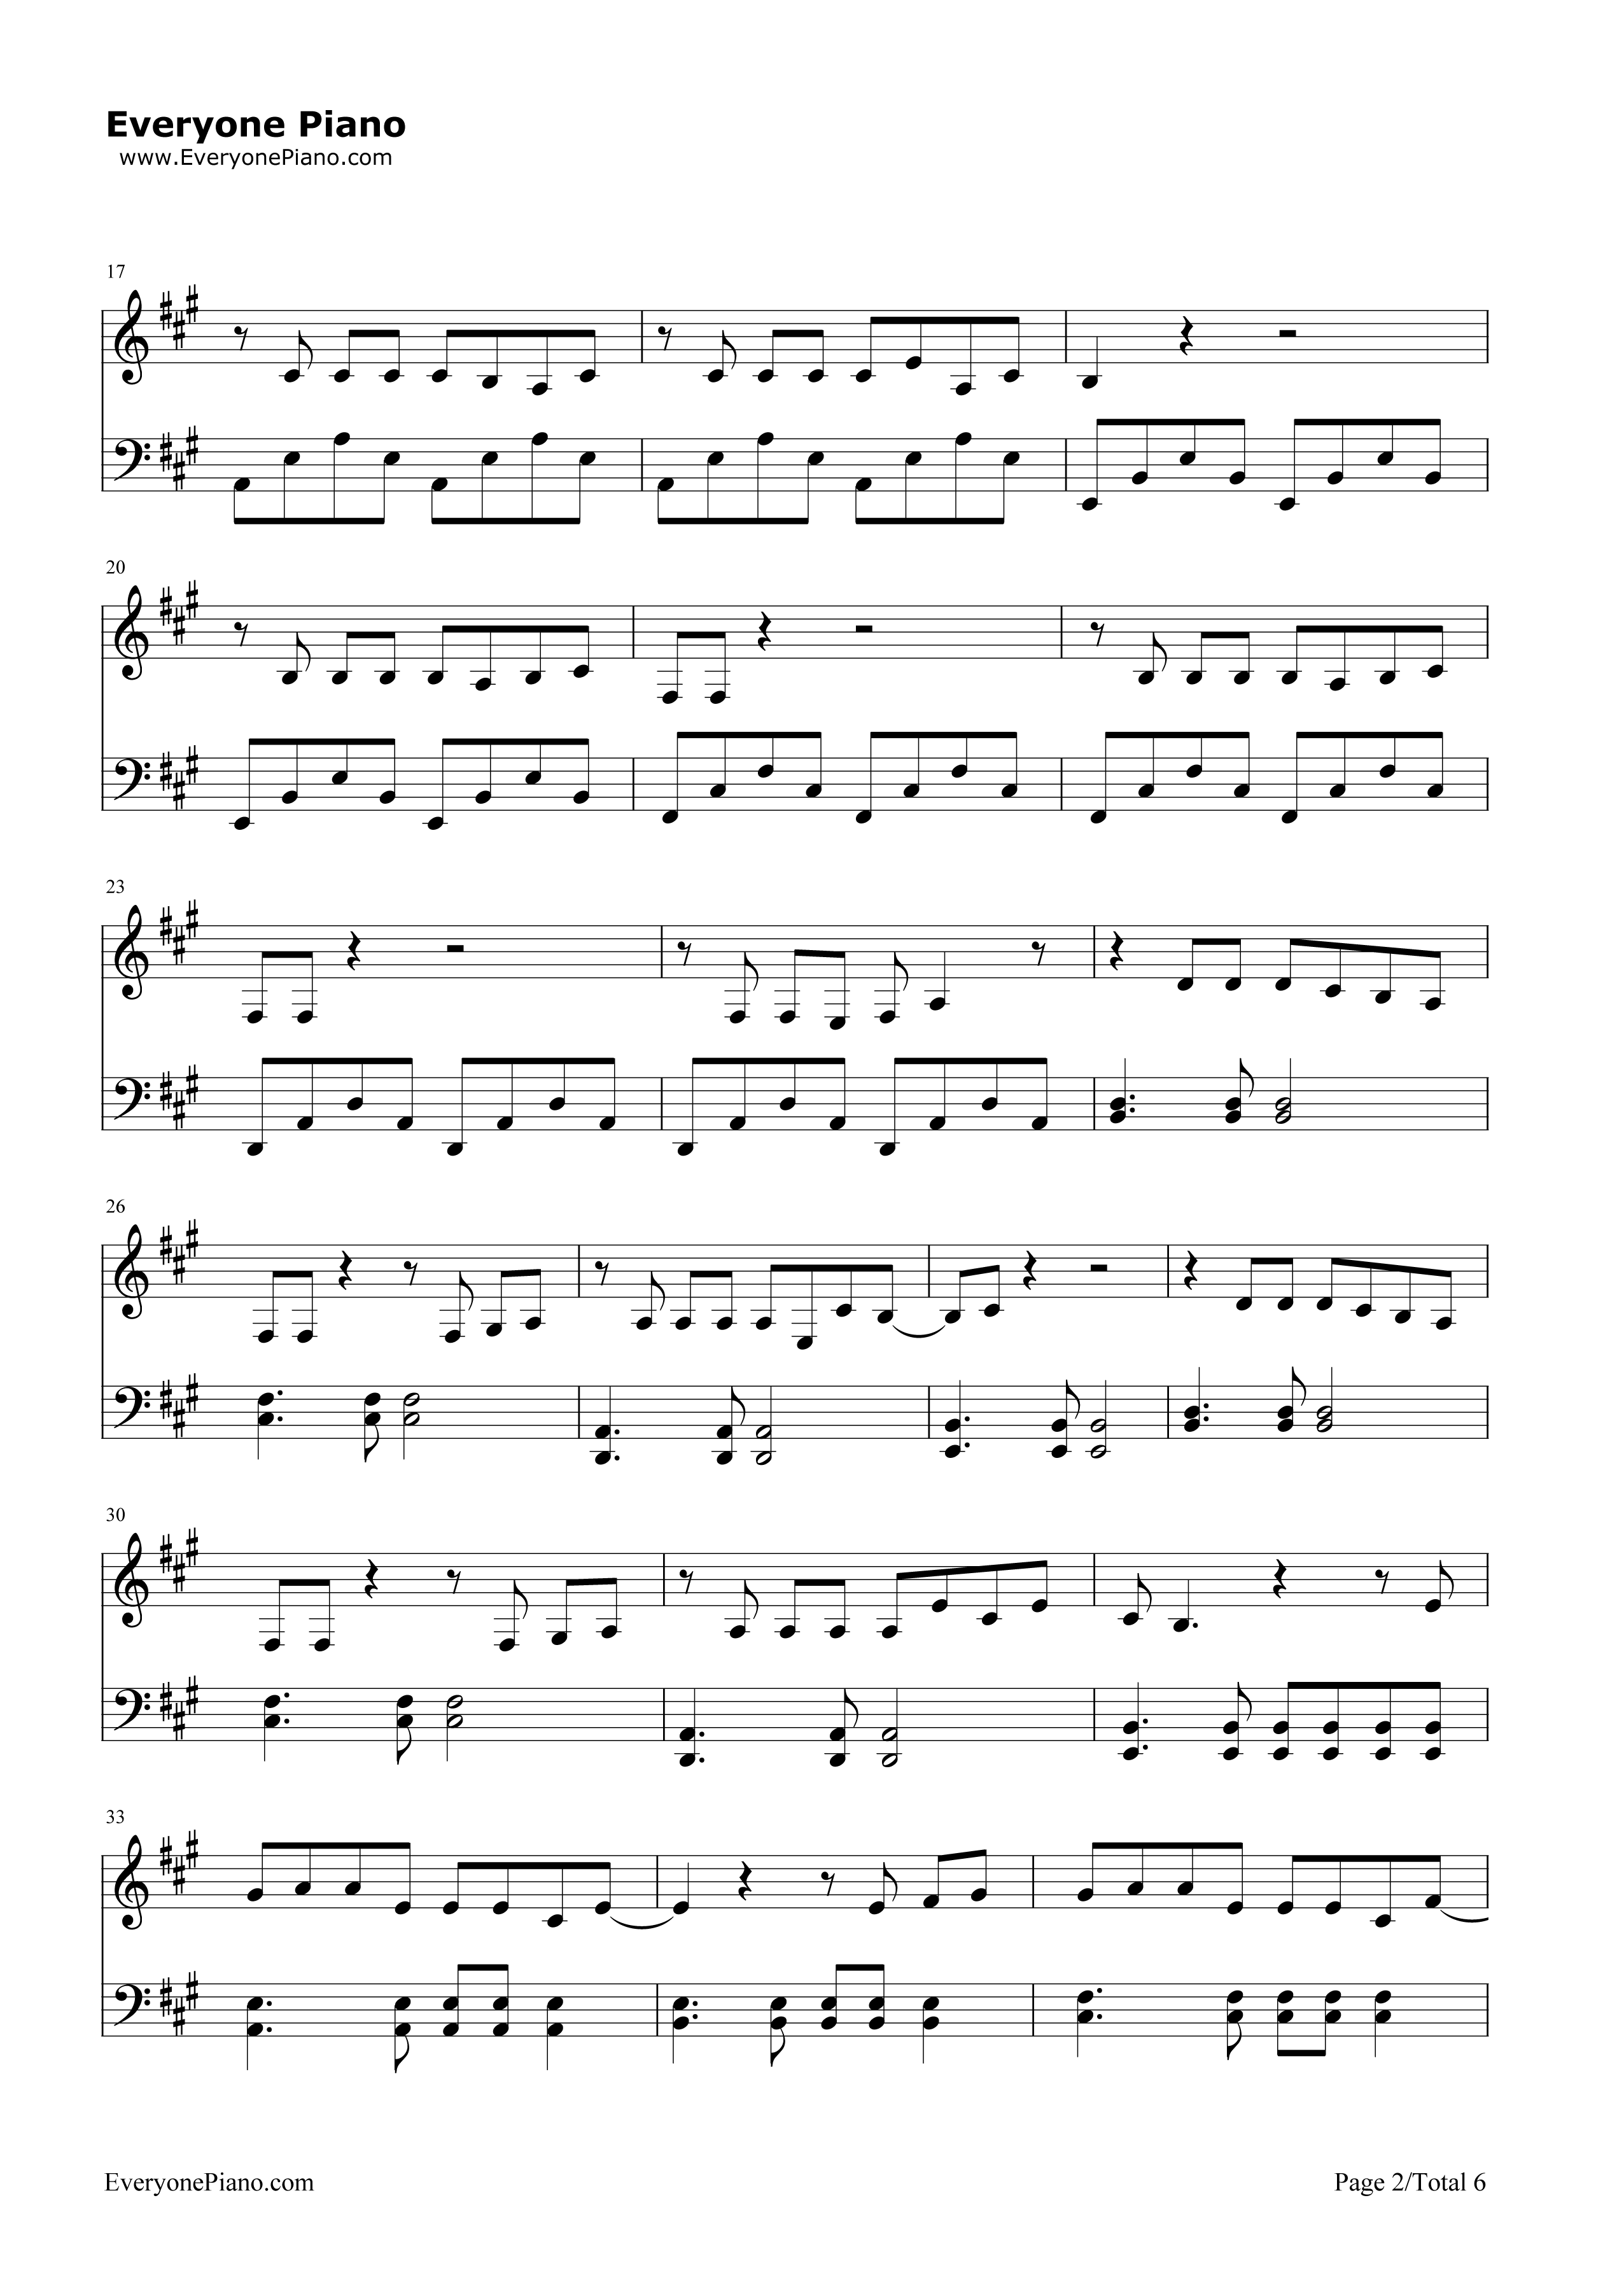 钢琴曲谱 影视 欢乐颂-欢乐颂主题曲 欢乐颂-欢乐颂主题曲五线谱预览2